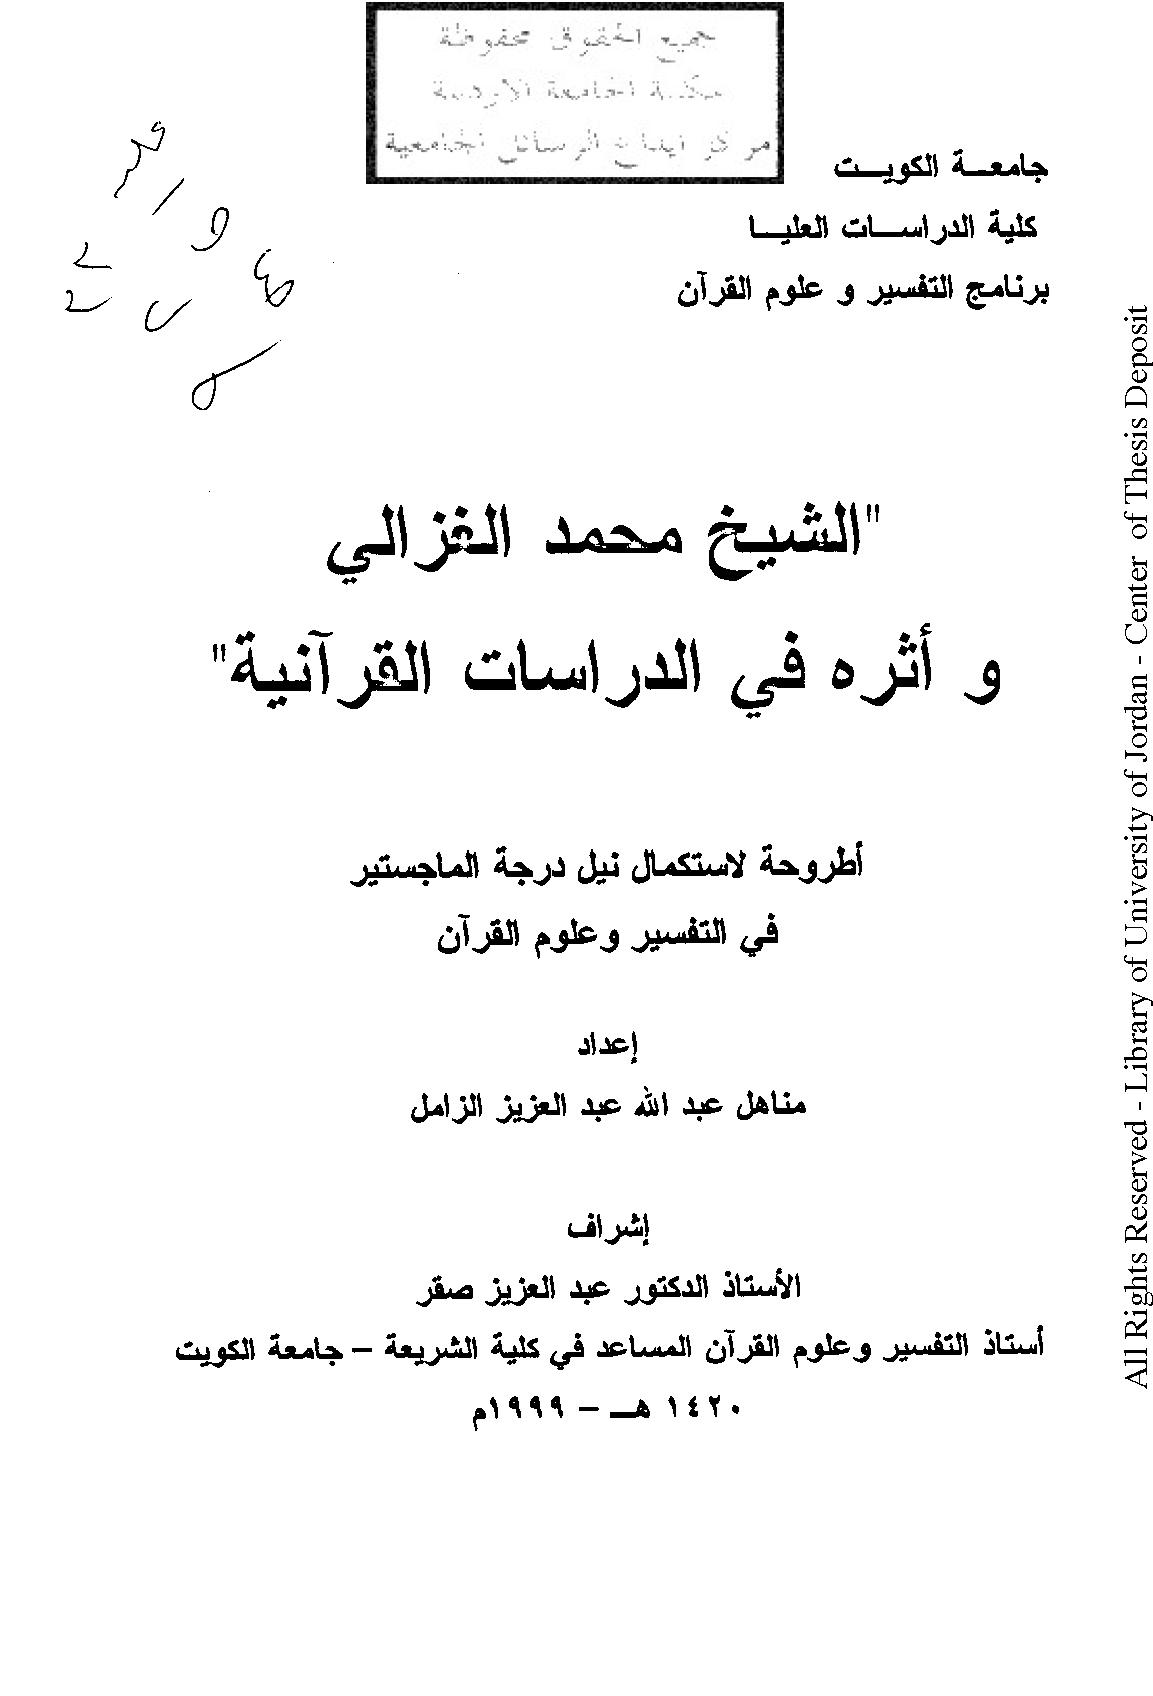 تحميل كتاب الشيخ محمد الغزالي وأثره في الدراسات القرآنية لـِ: مناهل عبد الله عبد العزيز الزامل